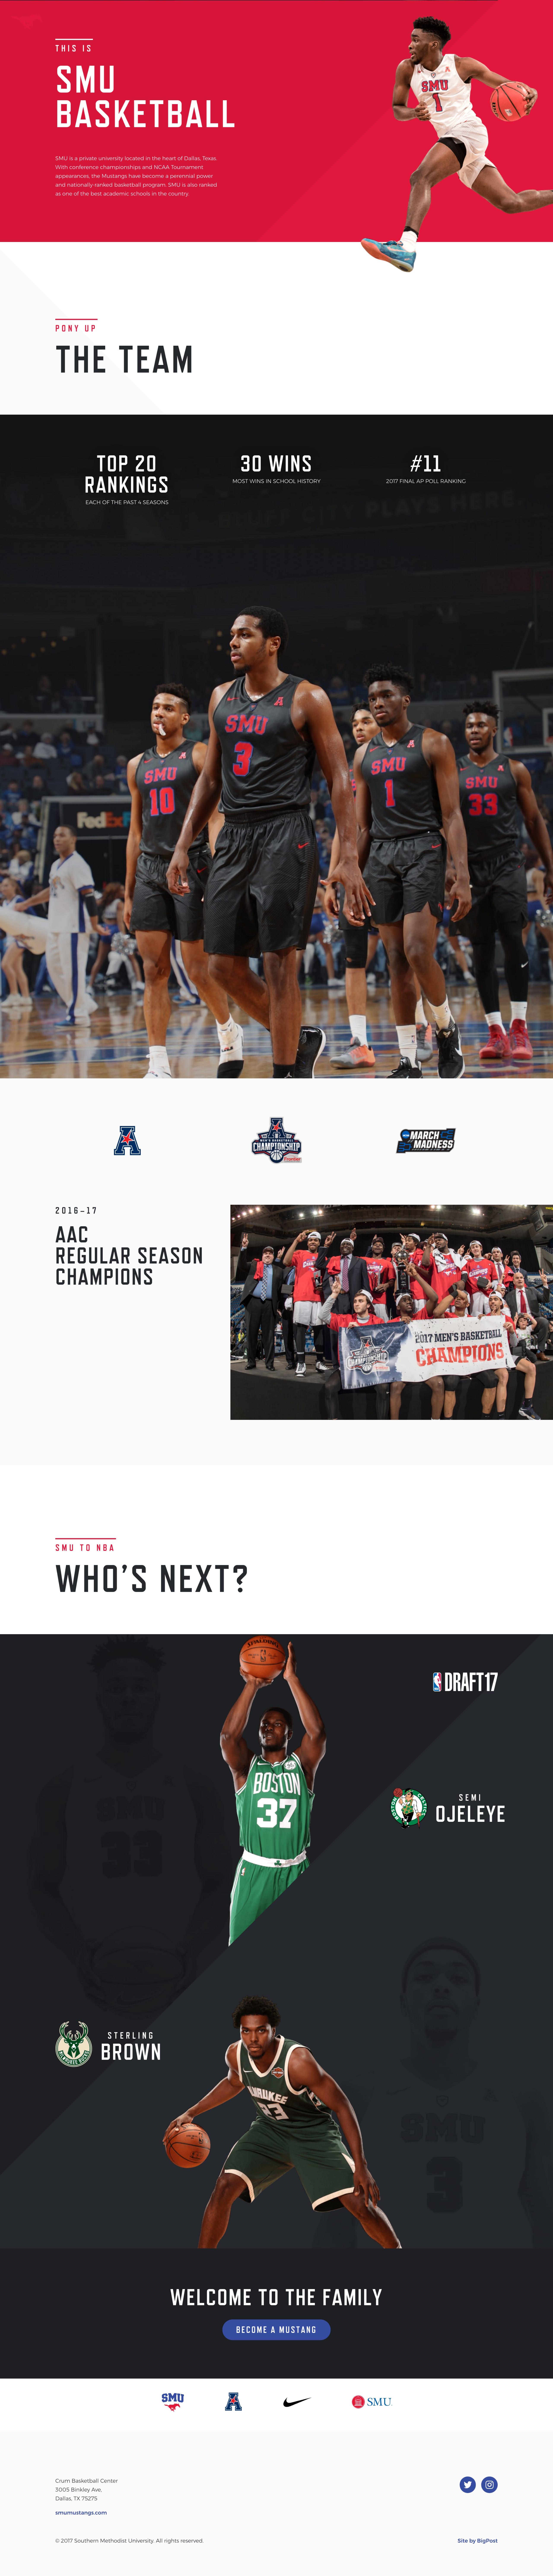 SMU Basketball Website Screenshot